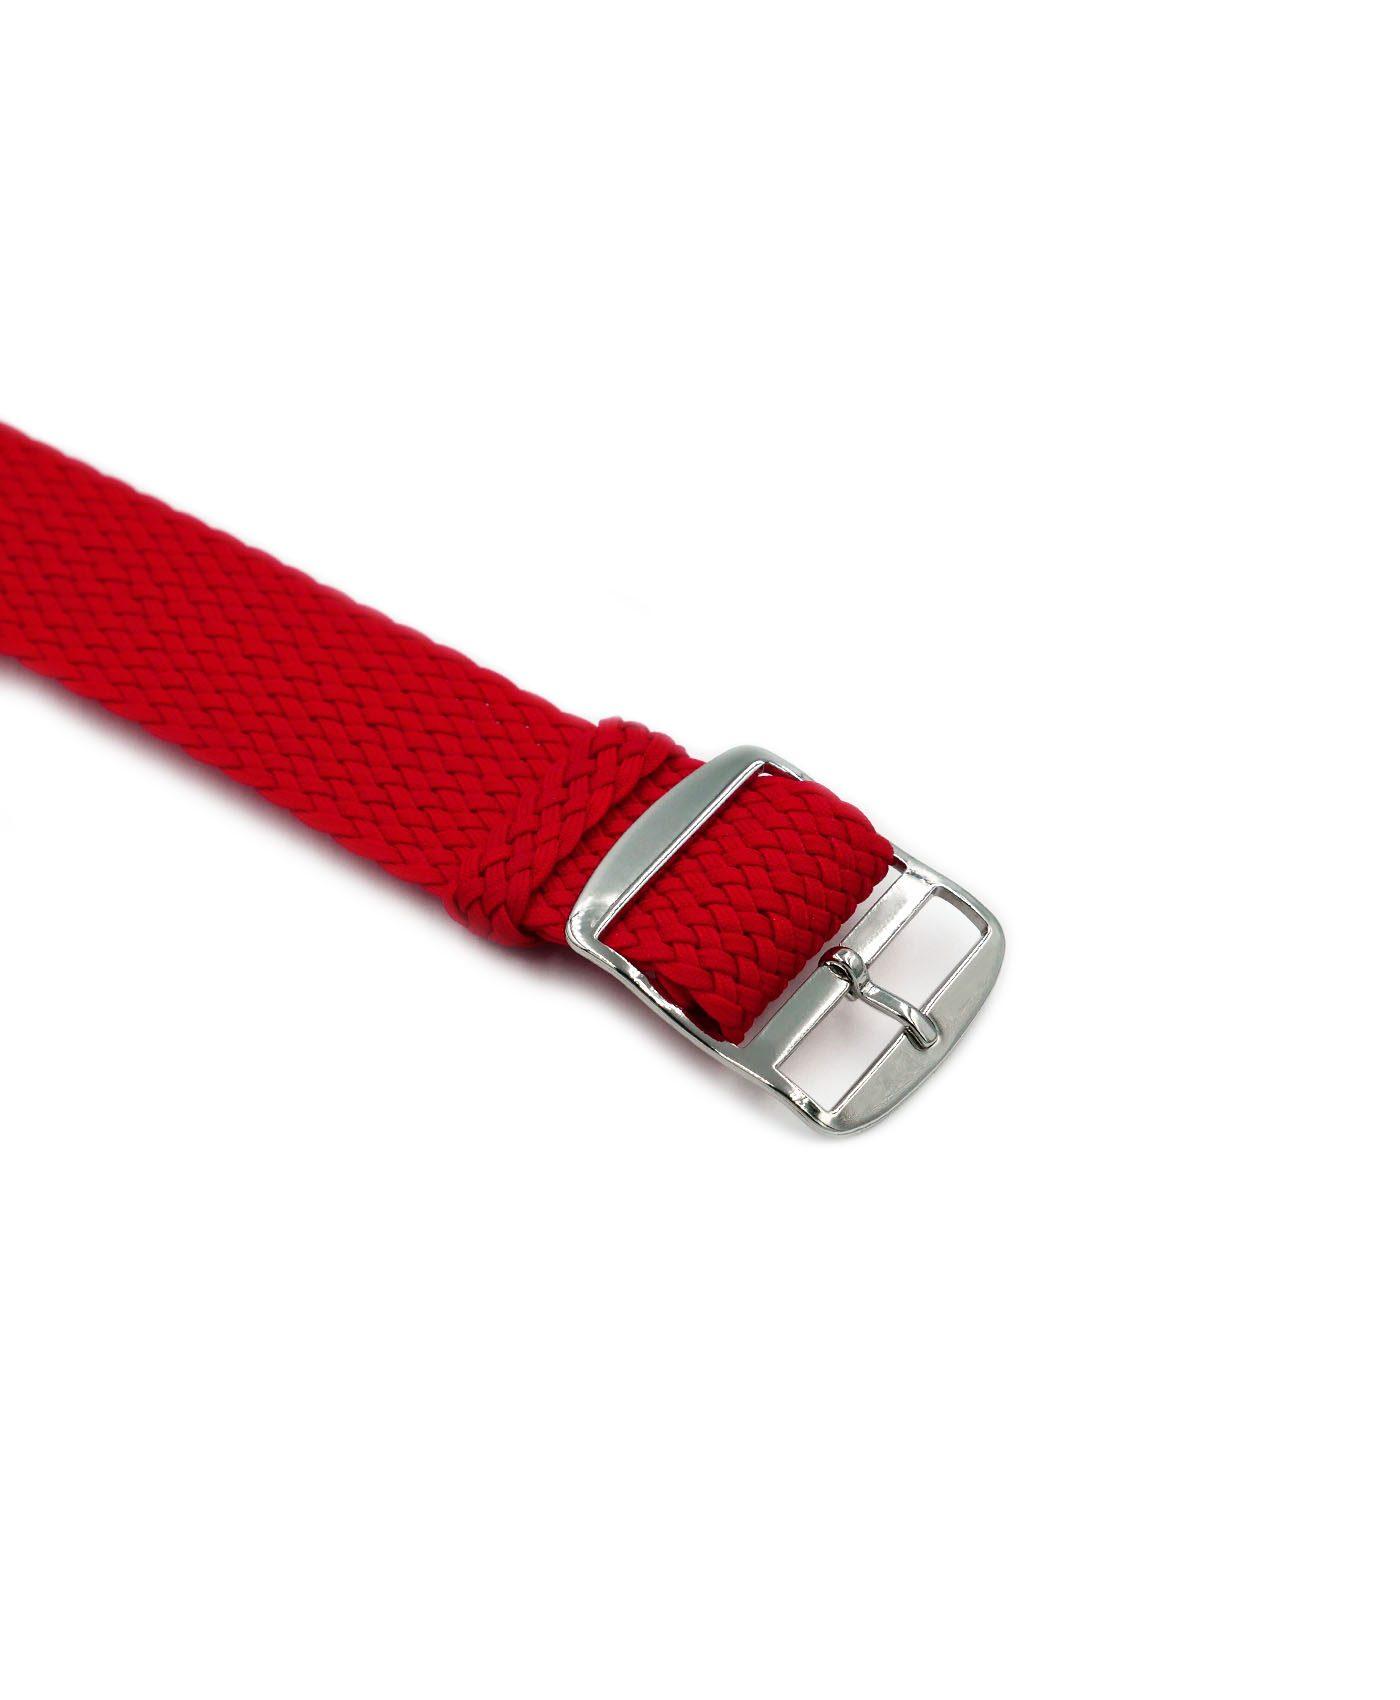 Watchbandit Premium Perlon Watch strap red buckle